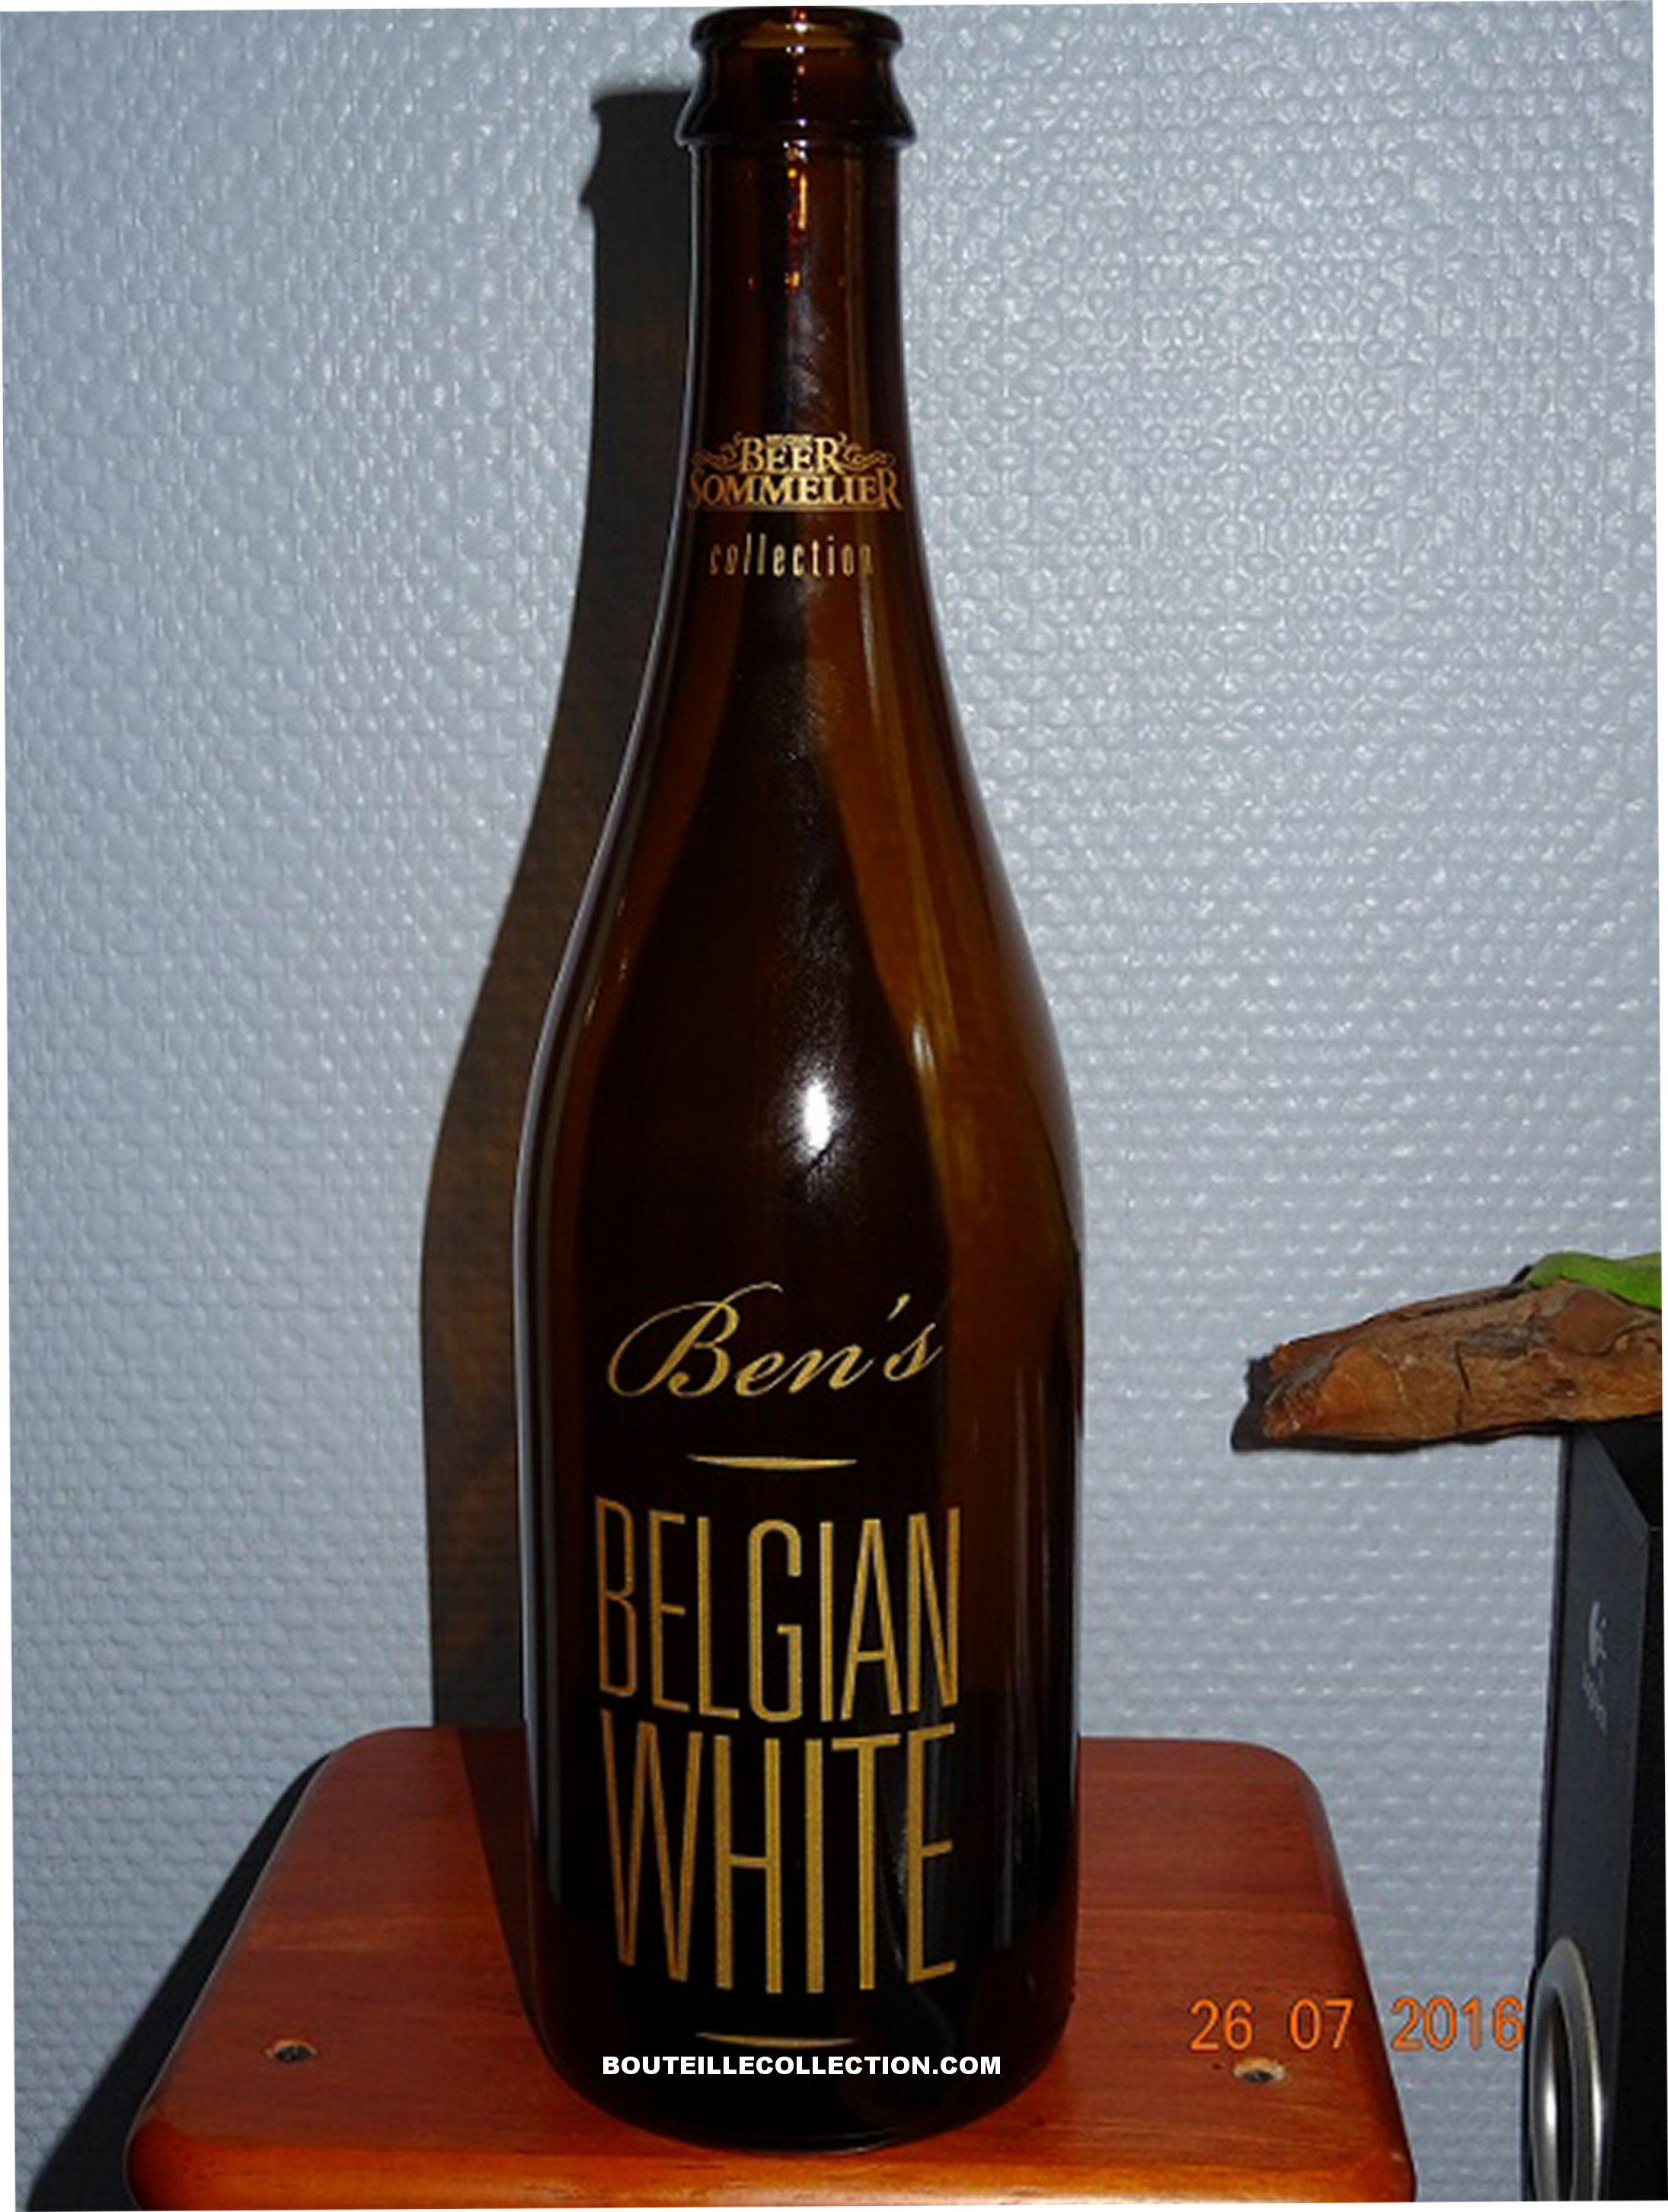 BEER SOMMELIER BELGIAN WHITE 75CL B OK  .jpg